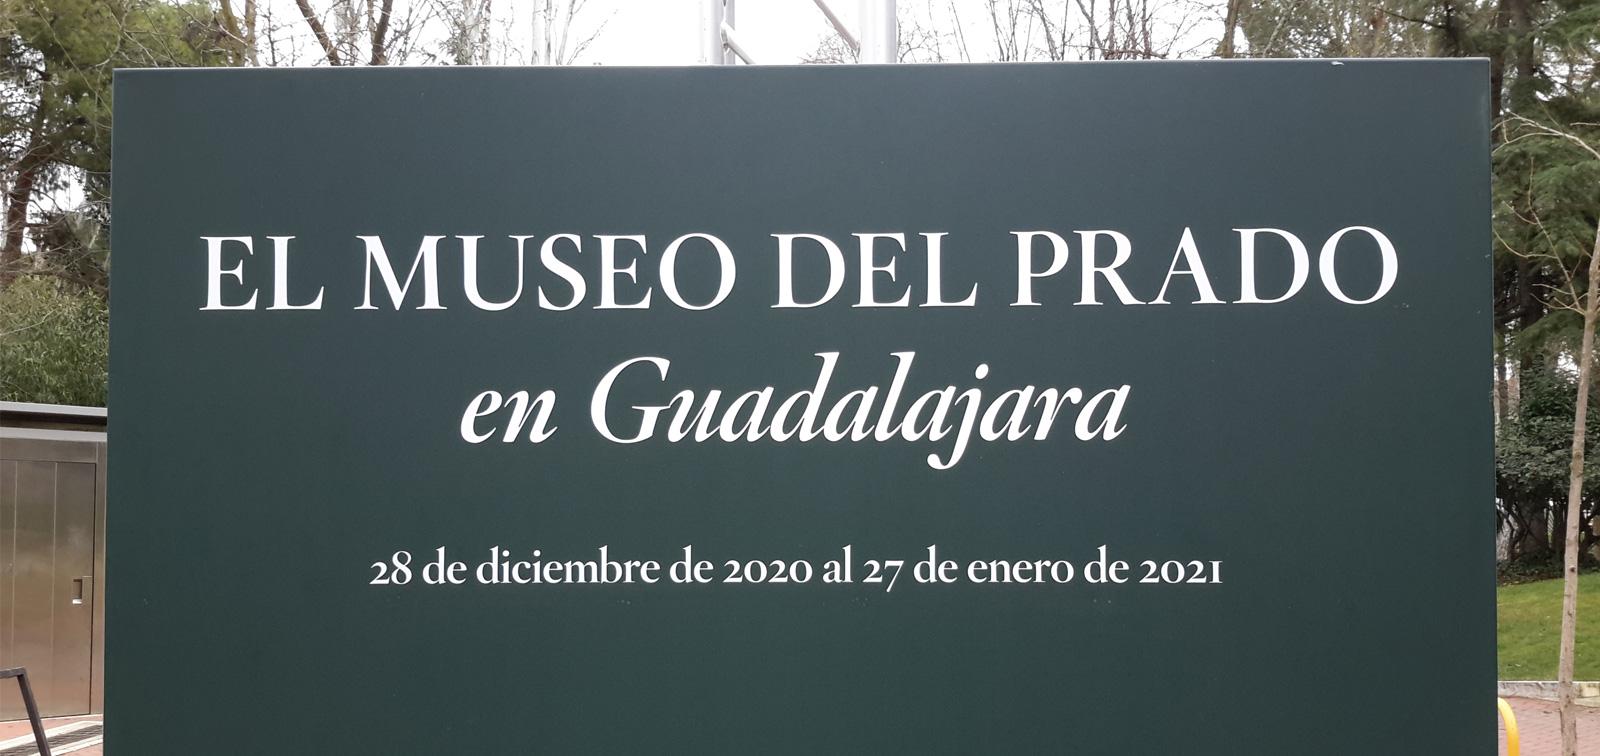 Exposición didáctica: El Museo del Prado en Guadalajara